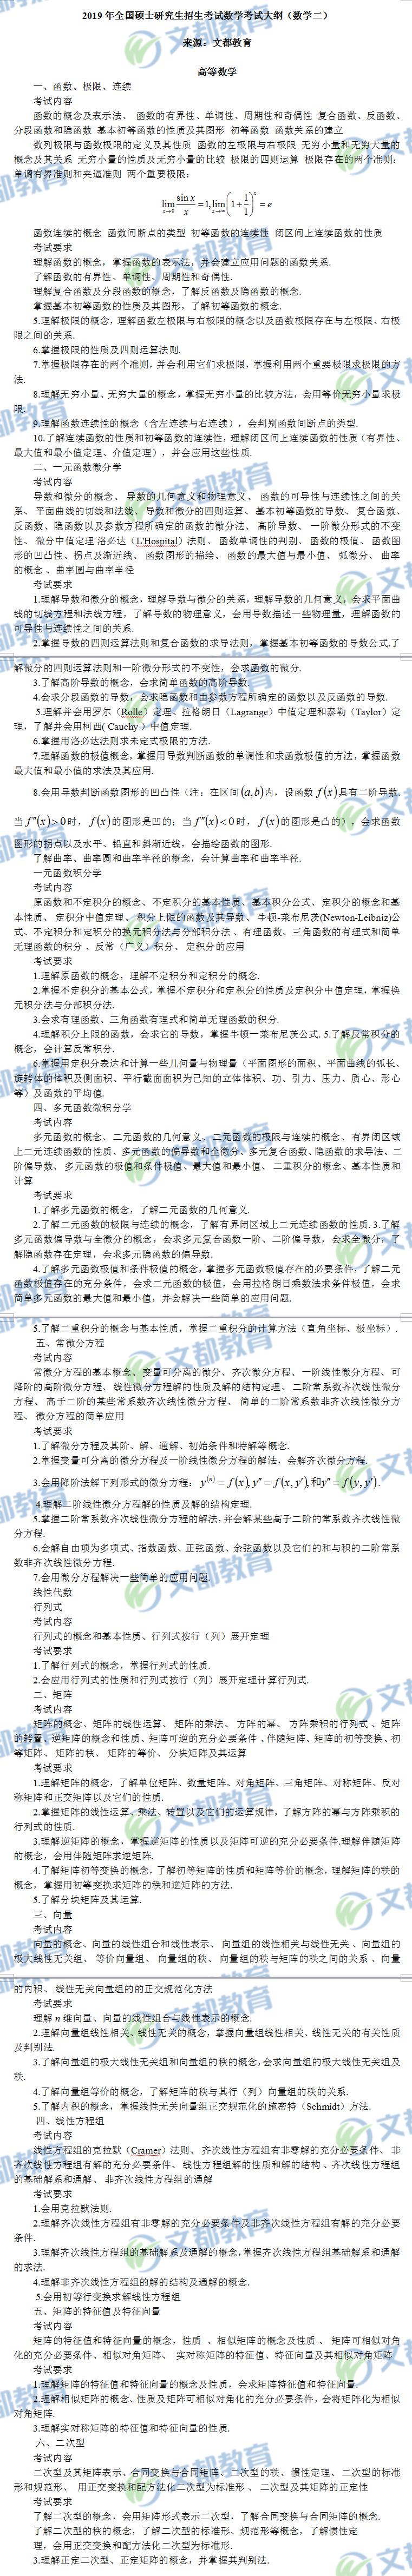 2019考研数学二大纲原文(PDF完整版)